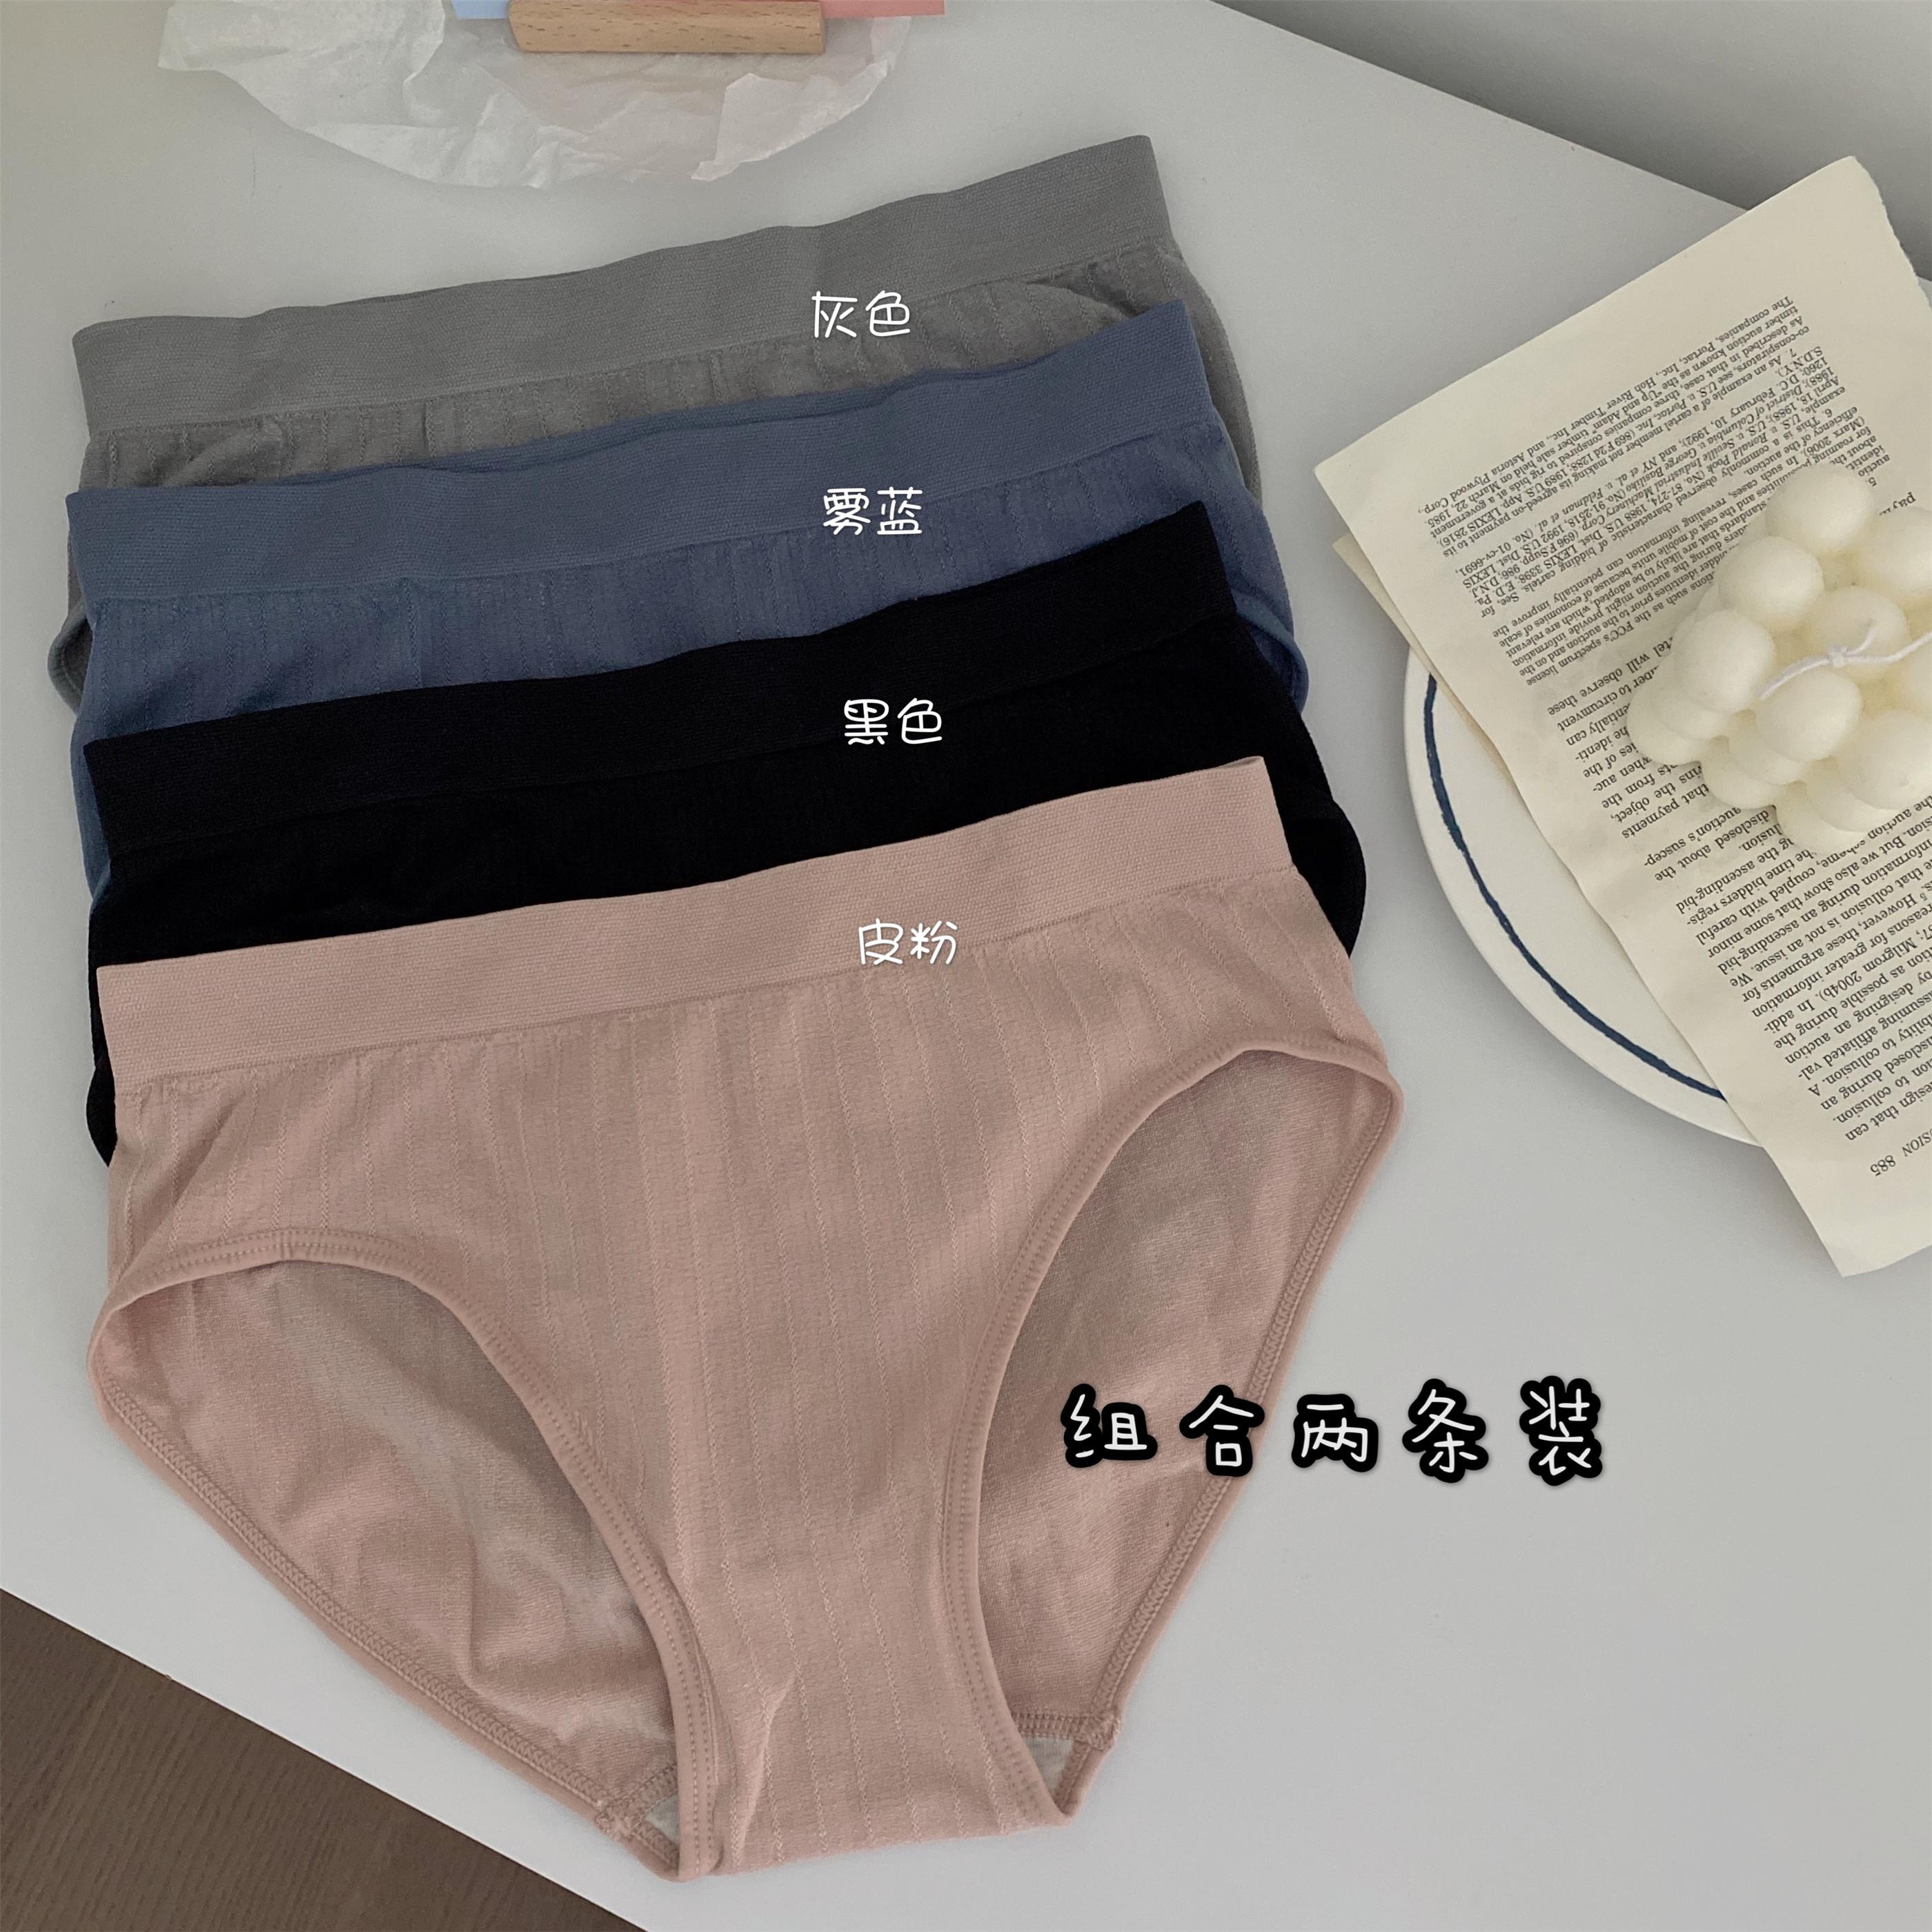 实拍实价韩版纯色透气可爱少女日系内裤纯棉无痕三角裤短裤2条装-Sunday-